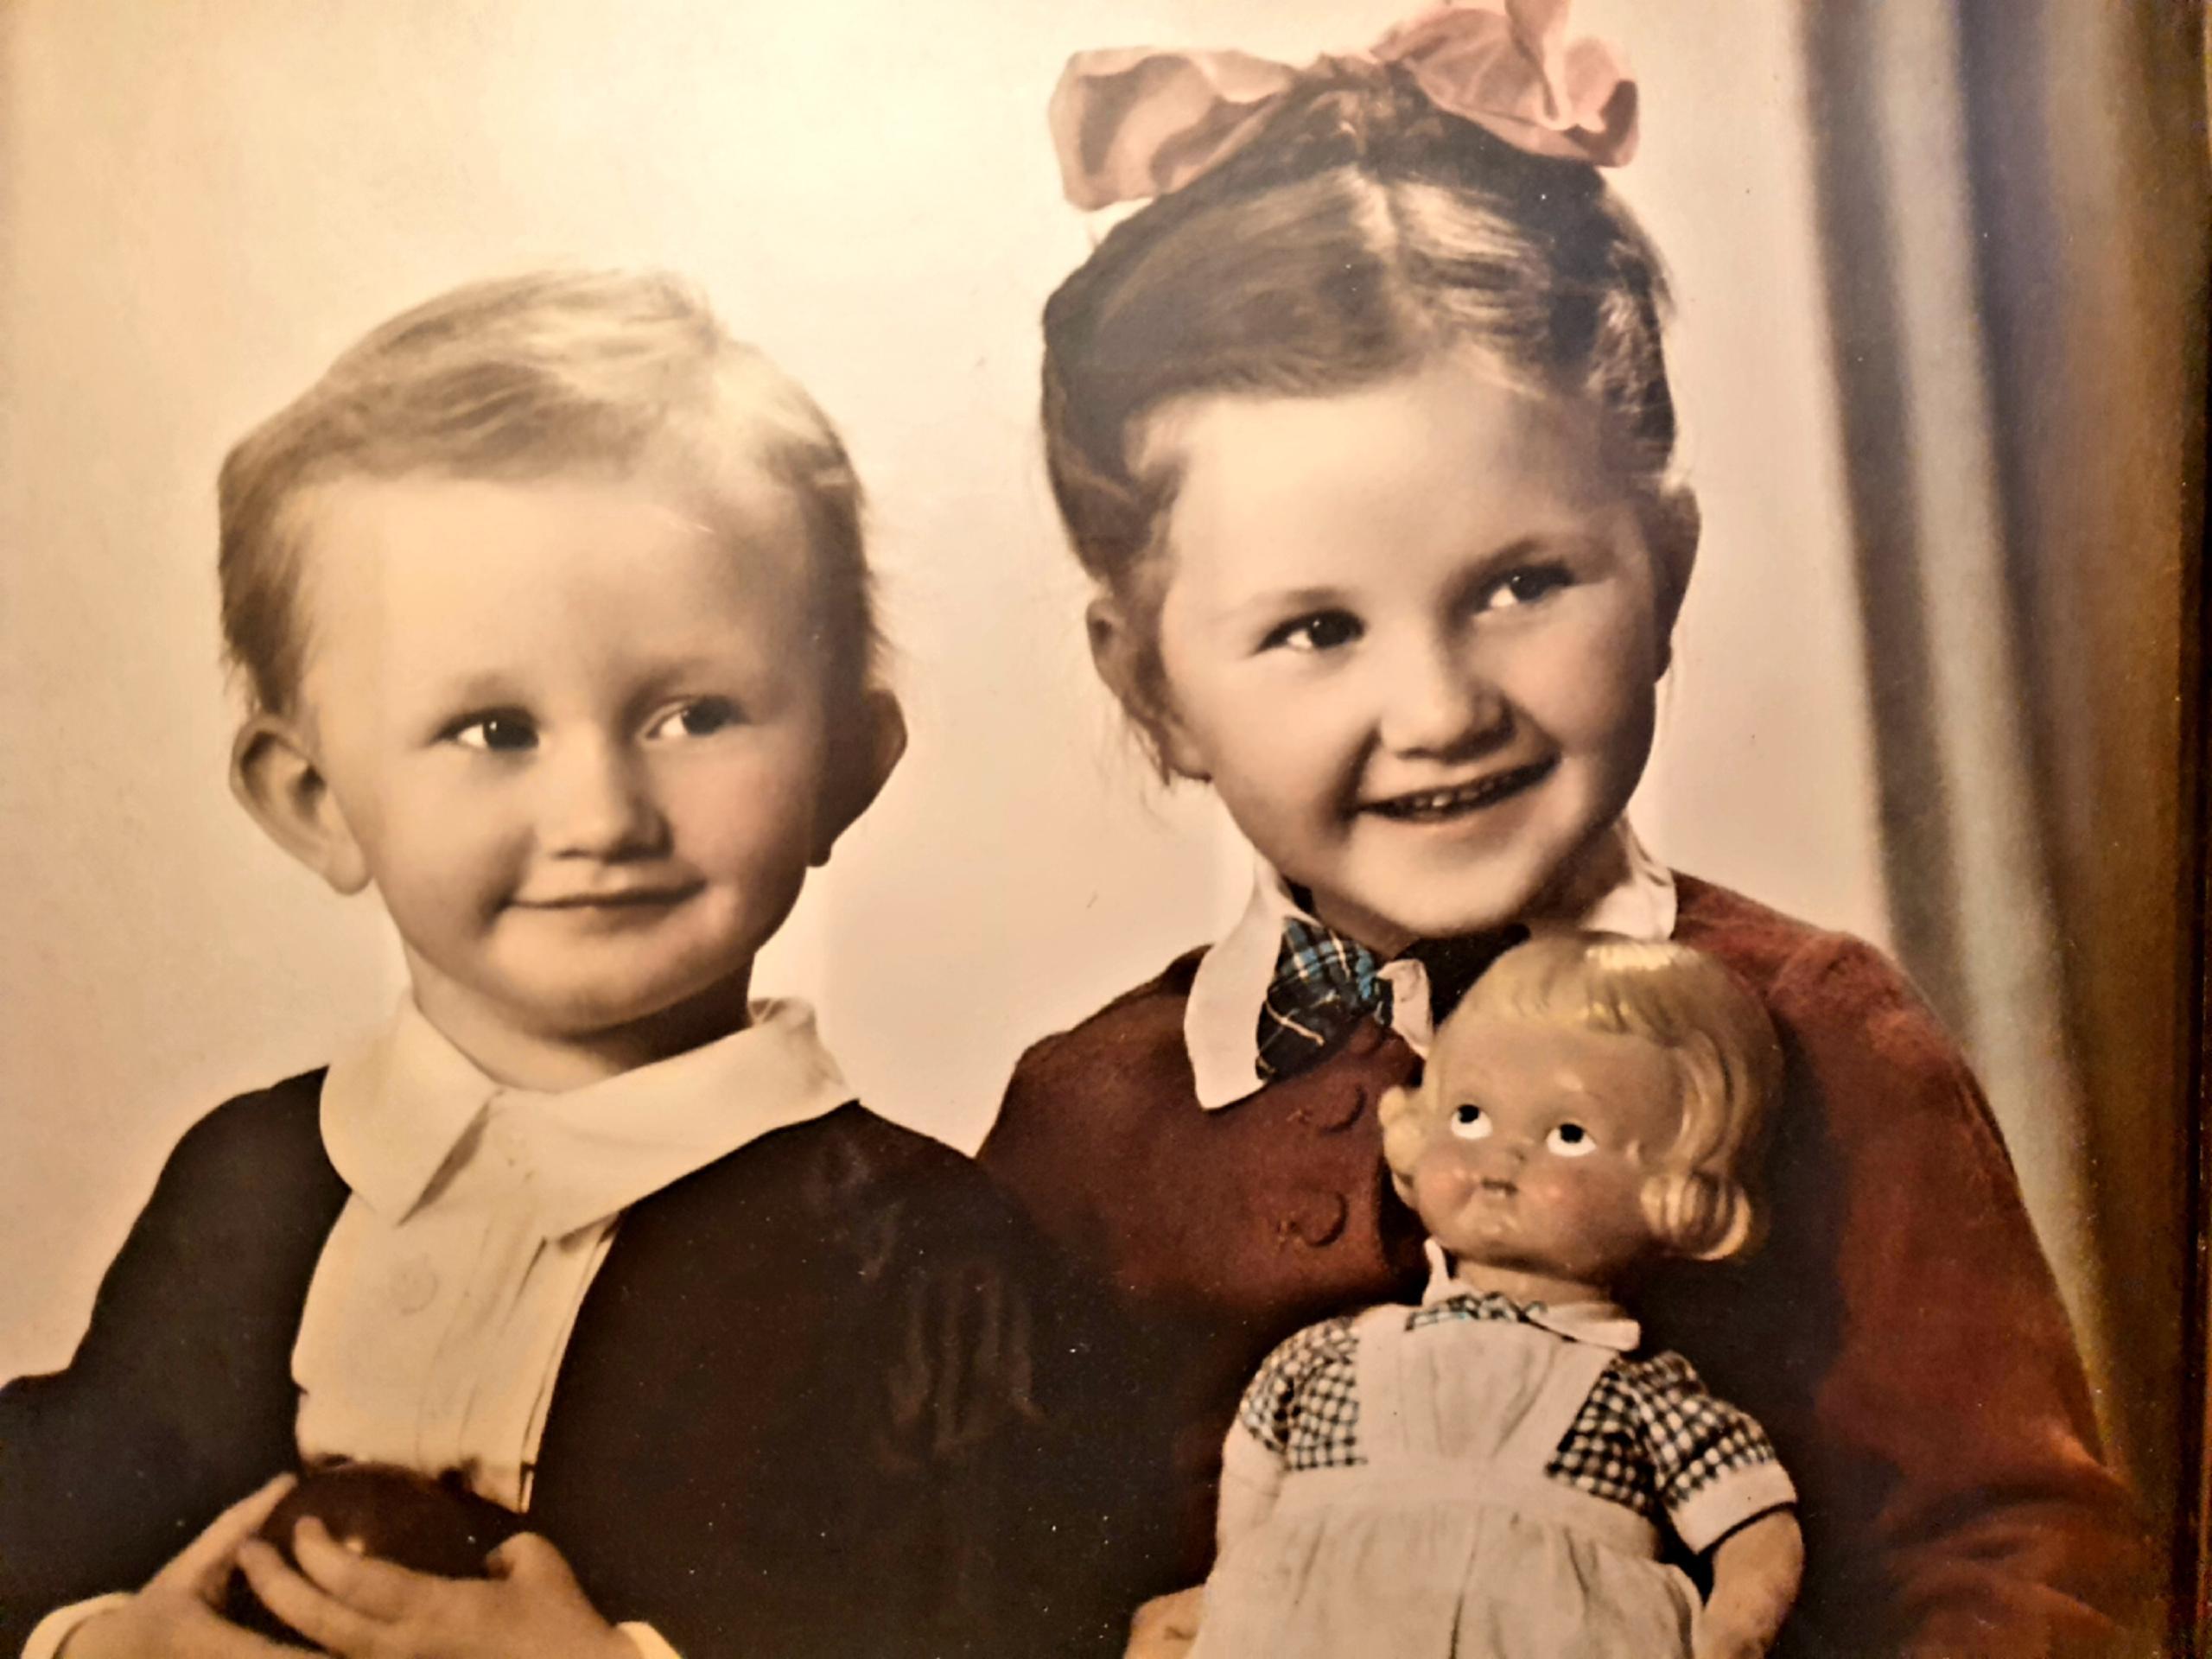 Gammelt bilde av to barn. Jenta holder en sykepleierdokke.